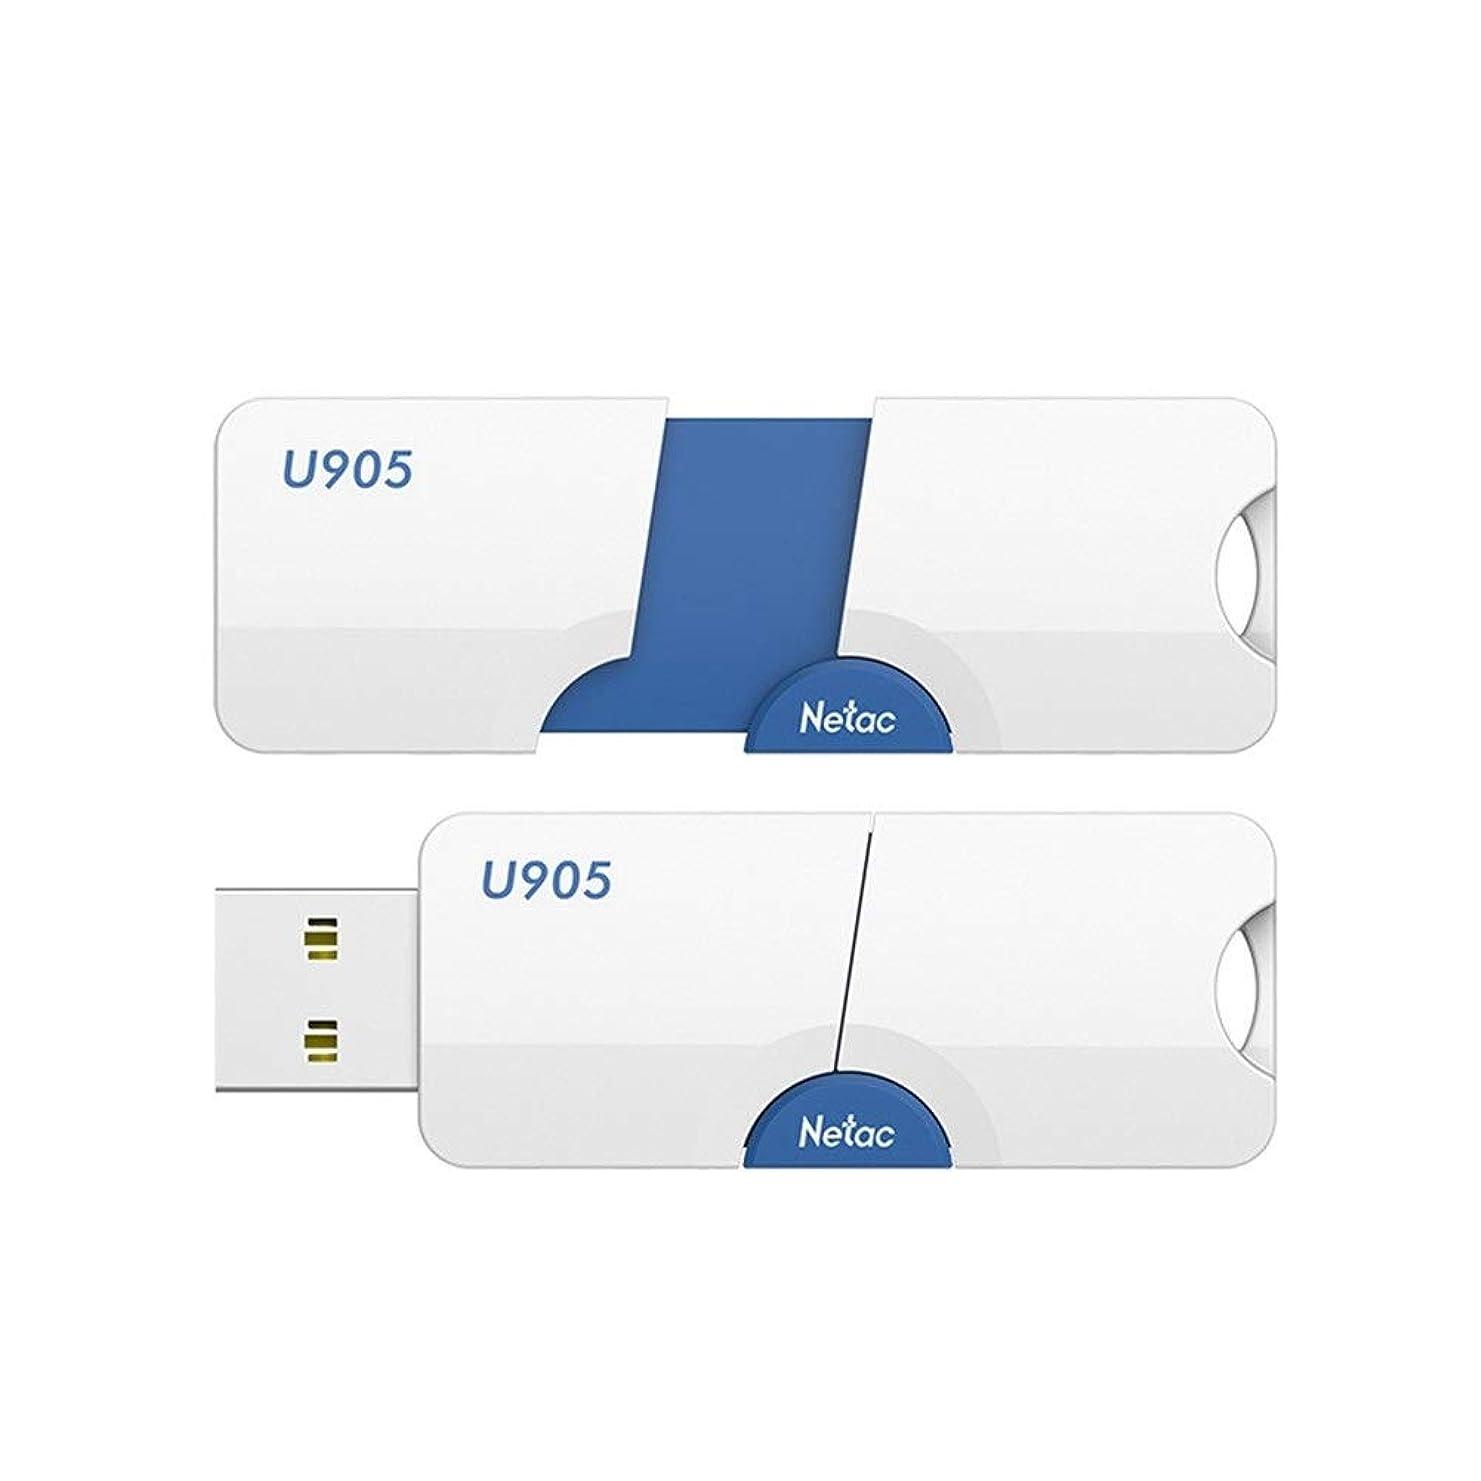 ピクニックをする器具優雅な64ギガバイトのUSB 2.0フラッシュドライブ、高速親指ドライブキャップレス格納式USBメモリスティック耐衝撃ジャンプドライブコンパクトサイズ (Capacity : 64GB)